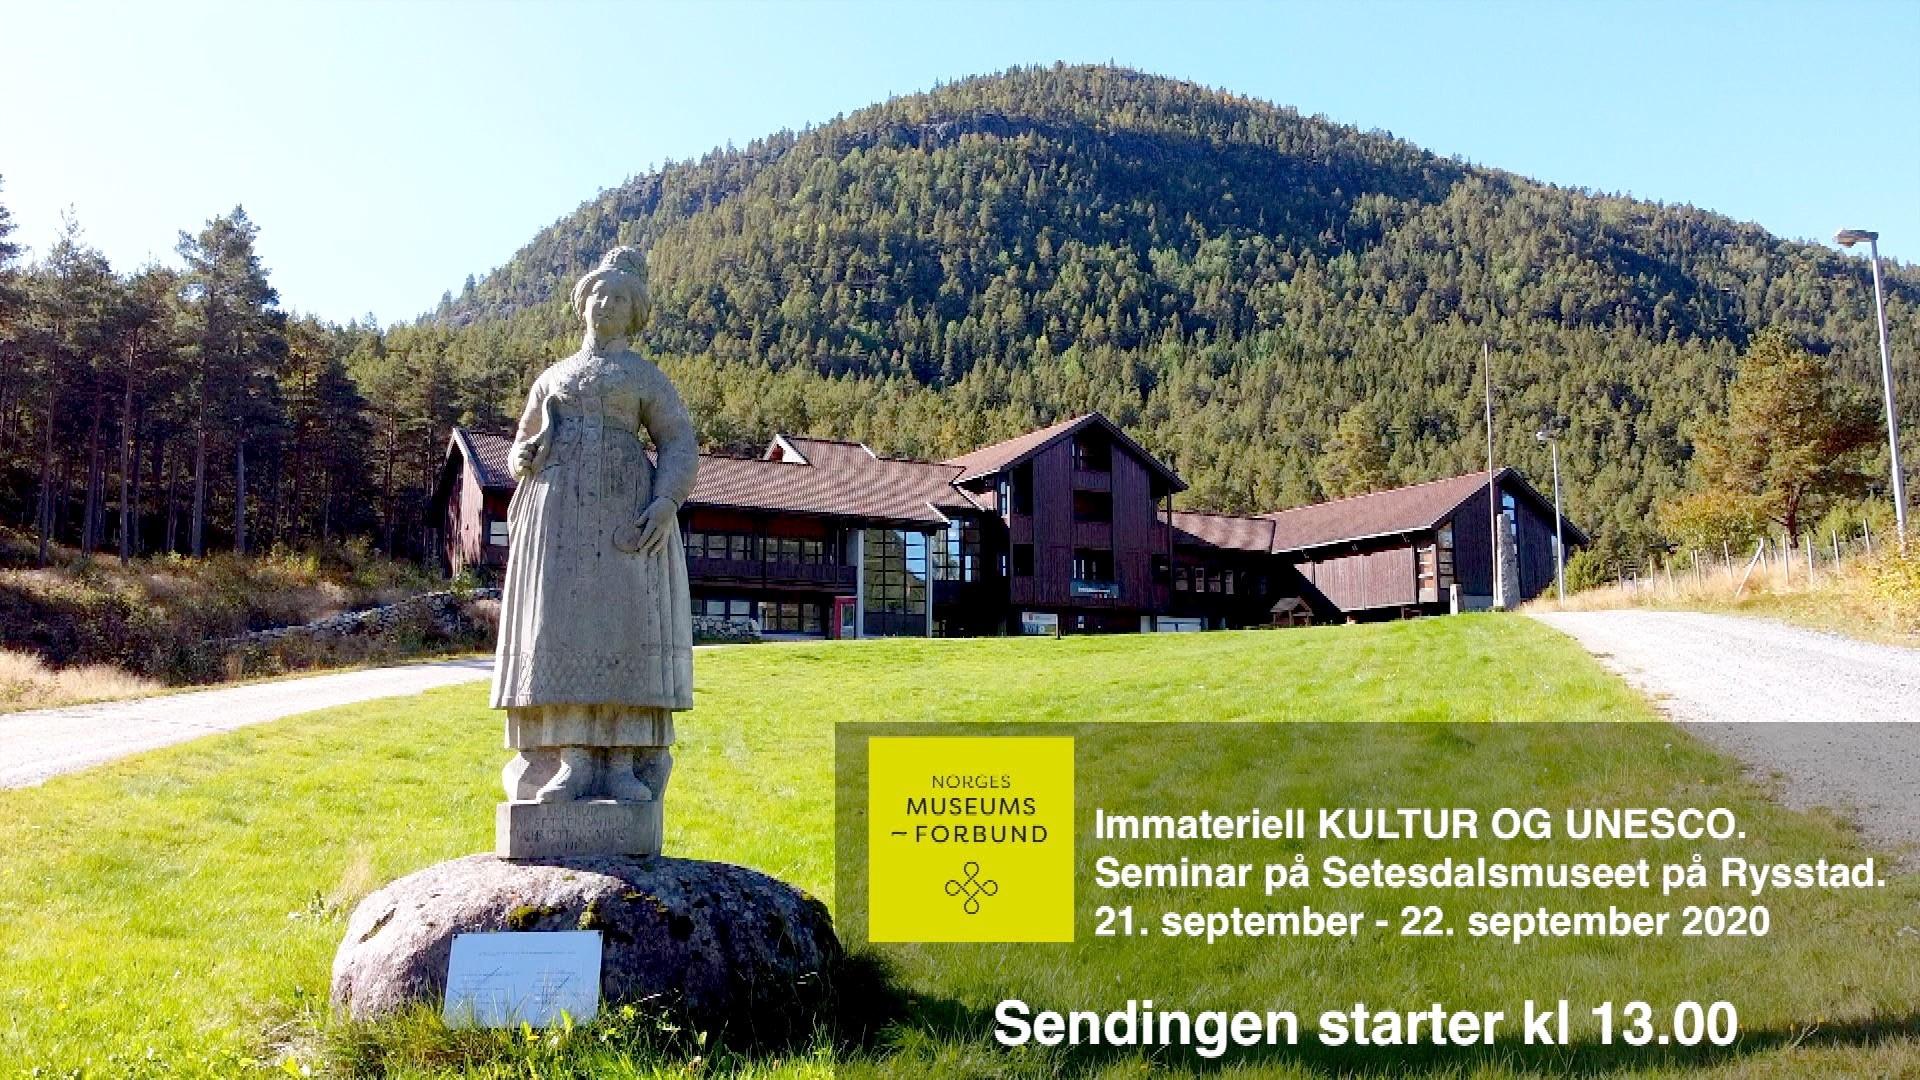 DIREKTESENDING: Immateriell KULTUR og UNESCO fra Setesdal